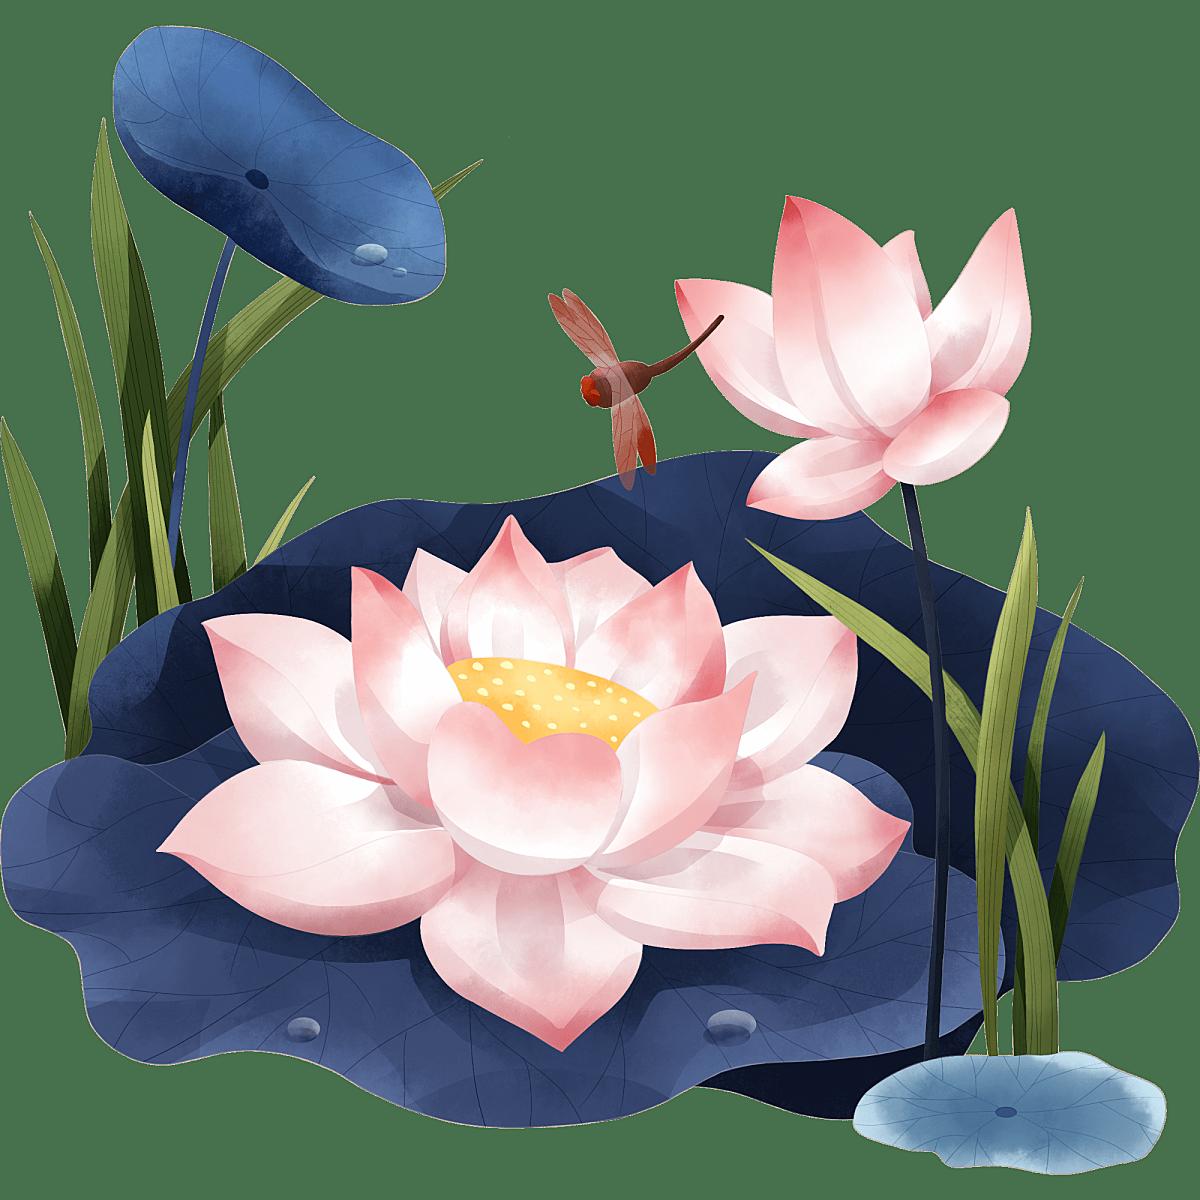 中国风-国潮花卉场景贴纸2